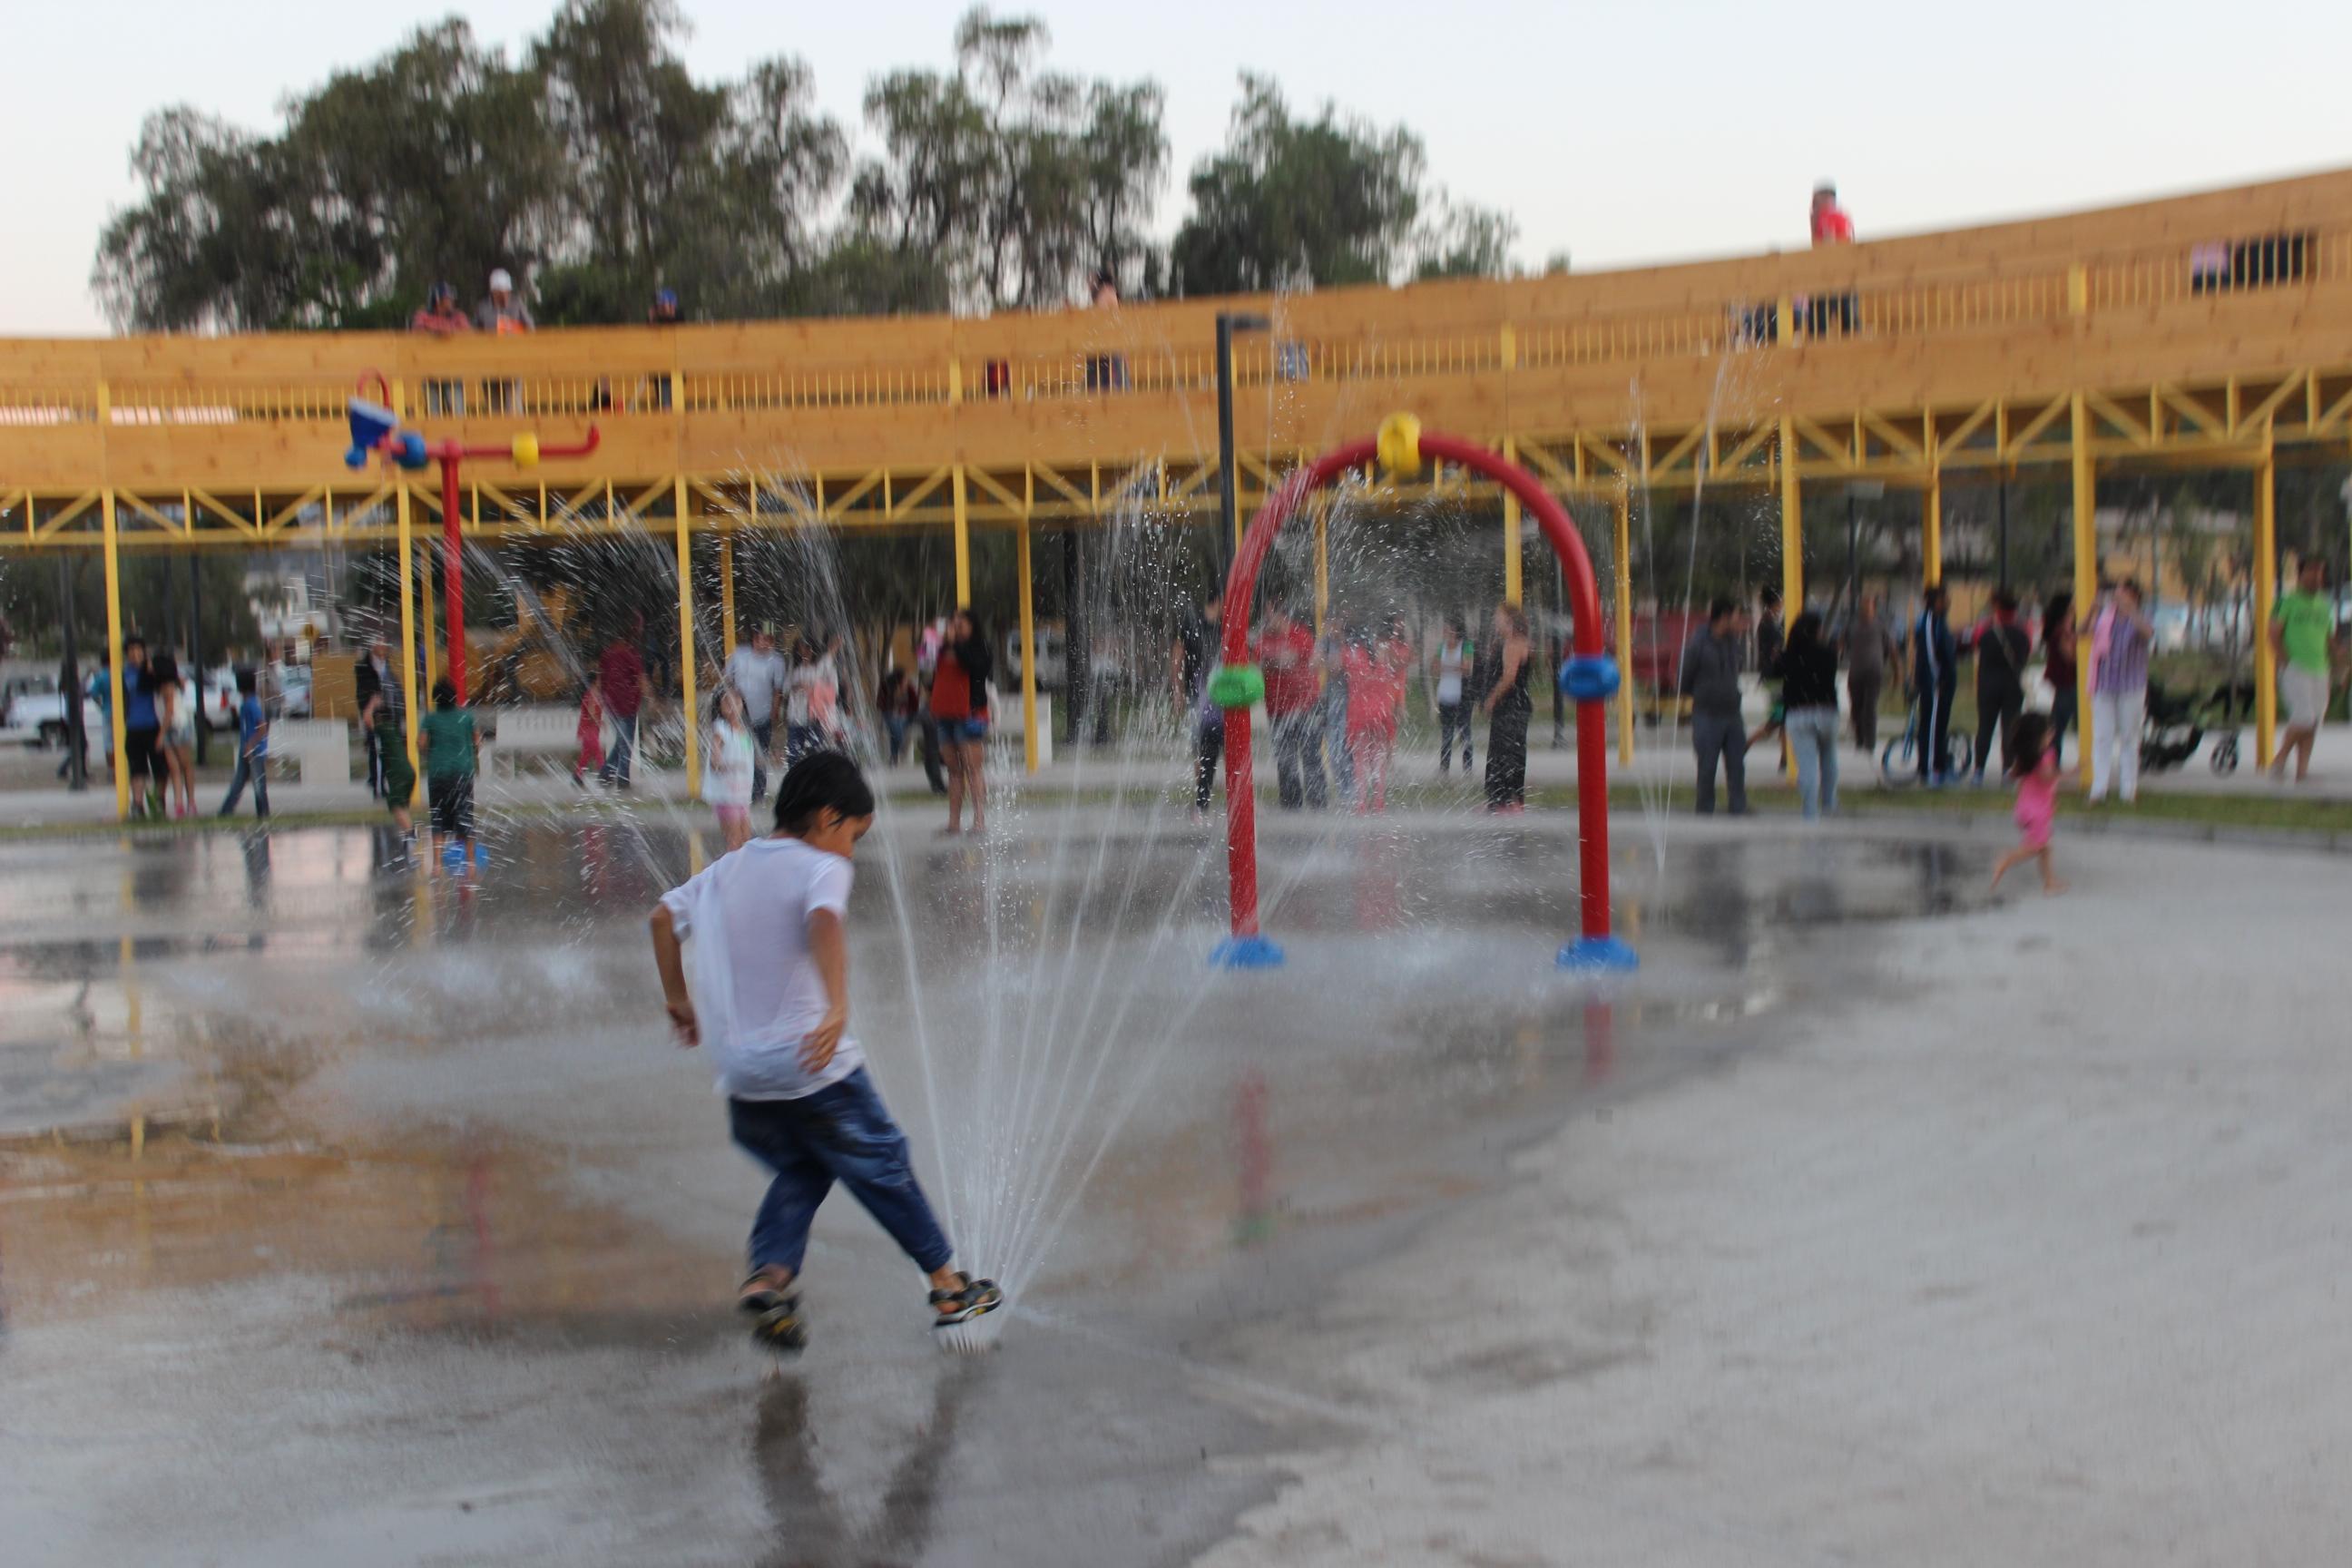 Comienza a funcionar parque acuático y realizan gestiones para construir piscinas en paseo ribereño